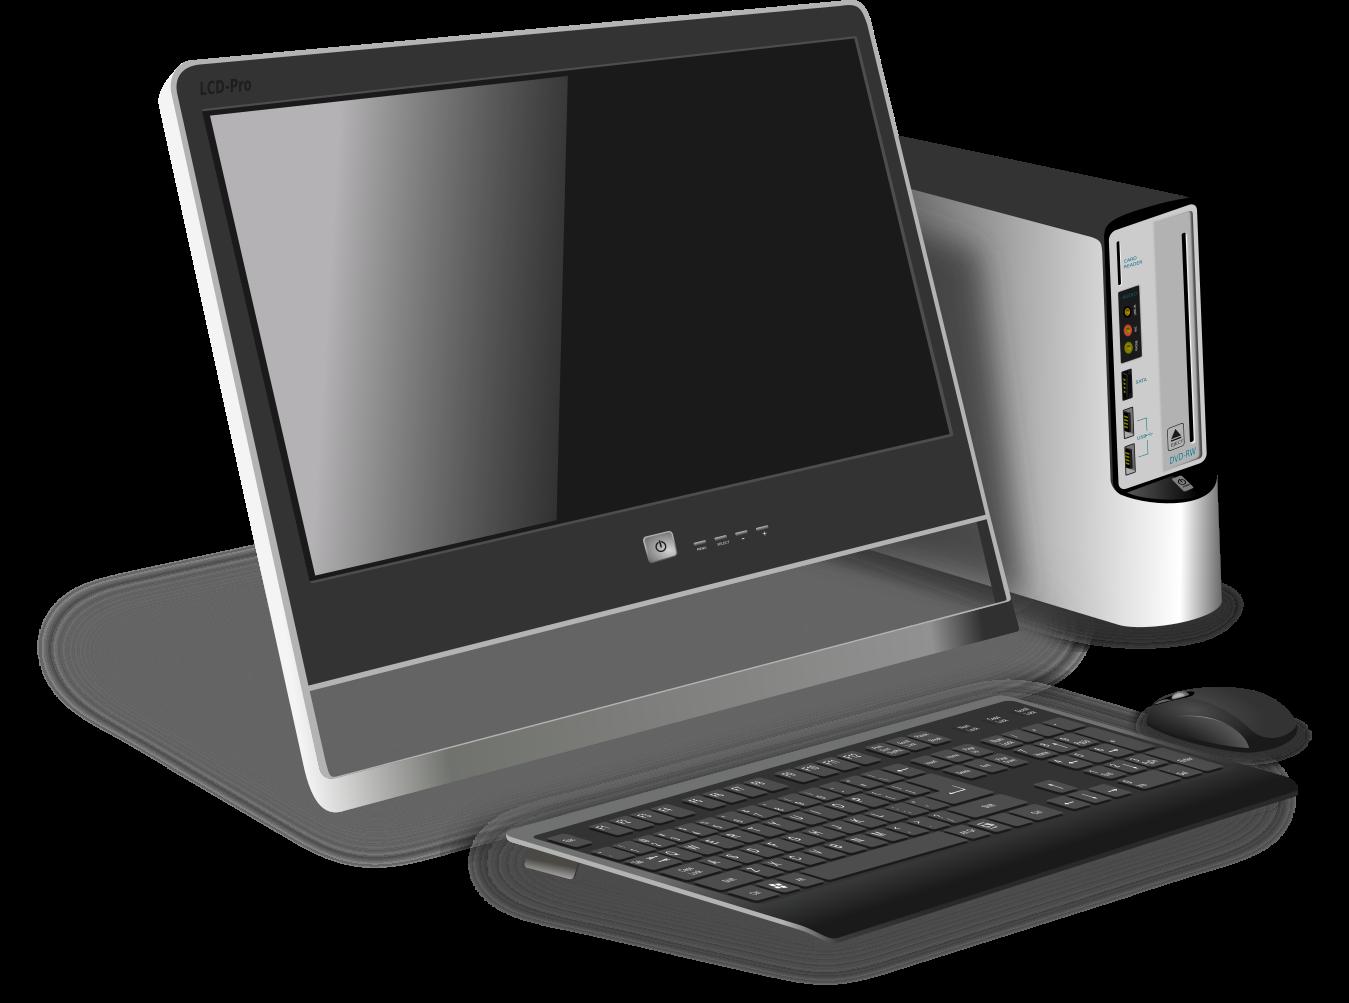 számítógép illusztráció